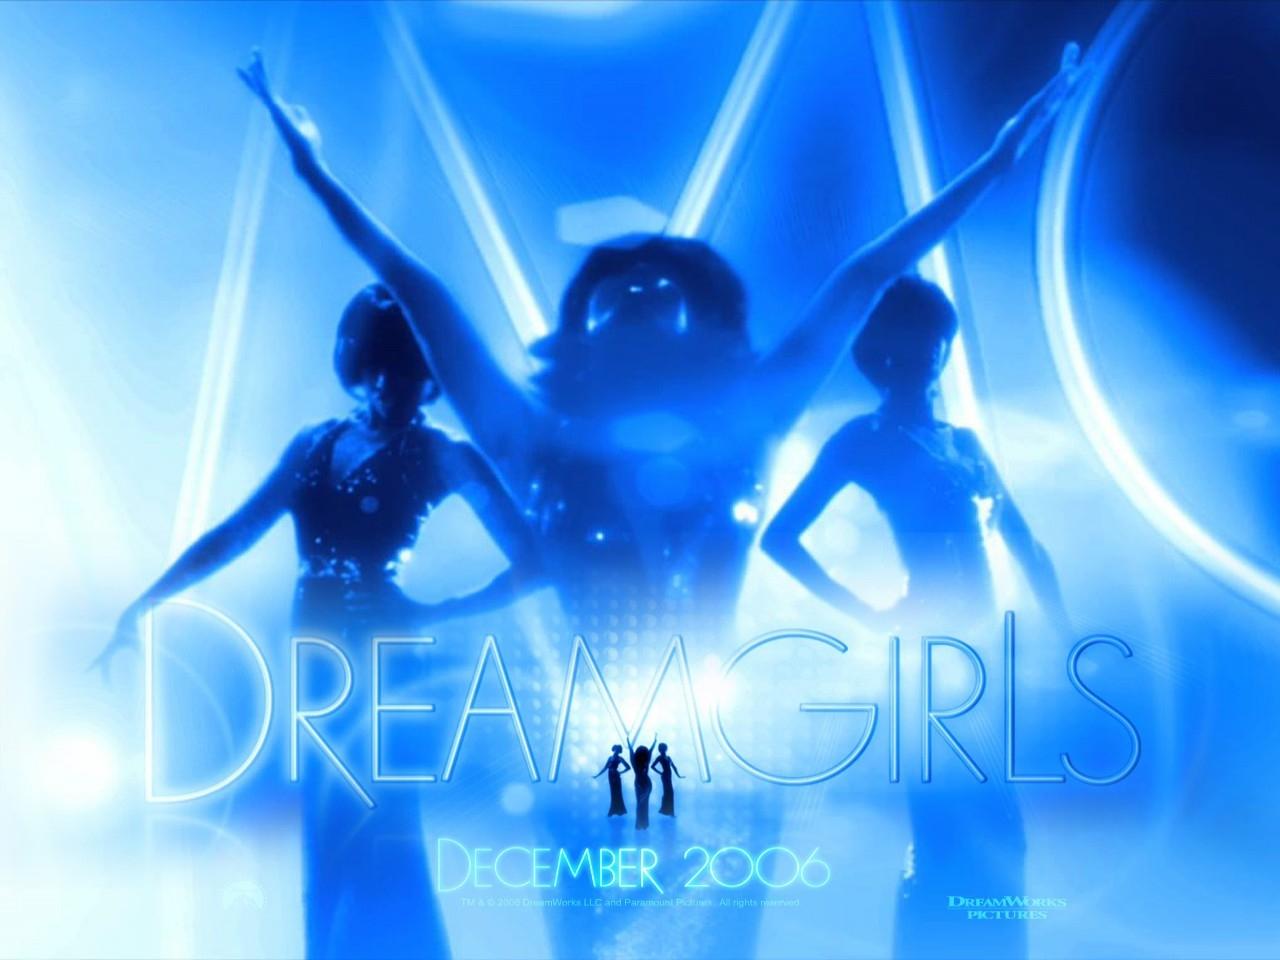 Wallpaper del film Dreamgirls con le protagoniste del film